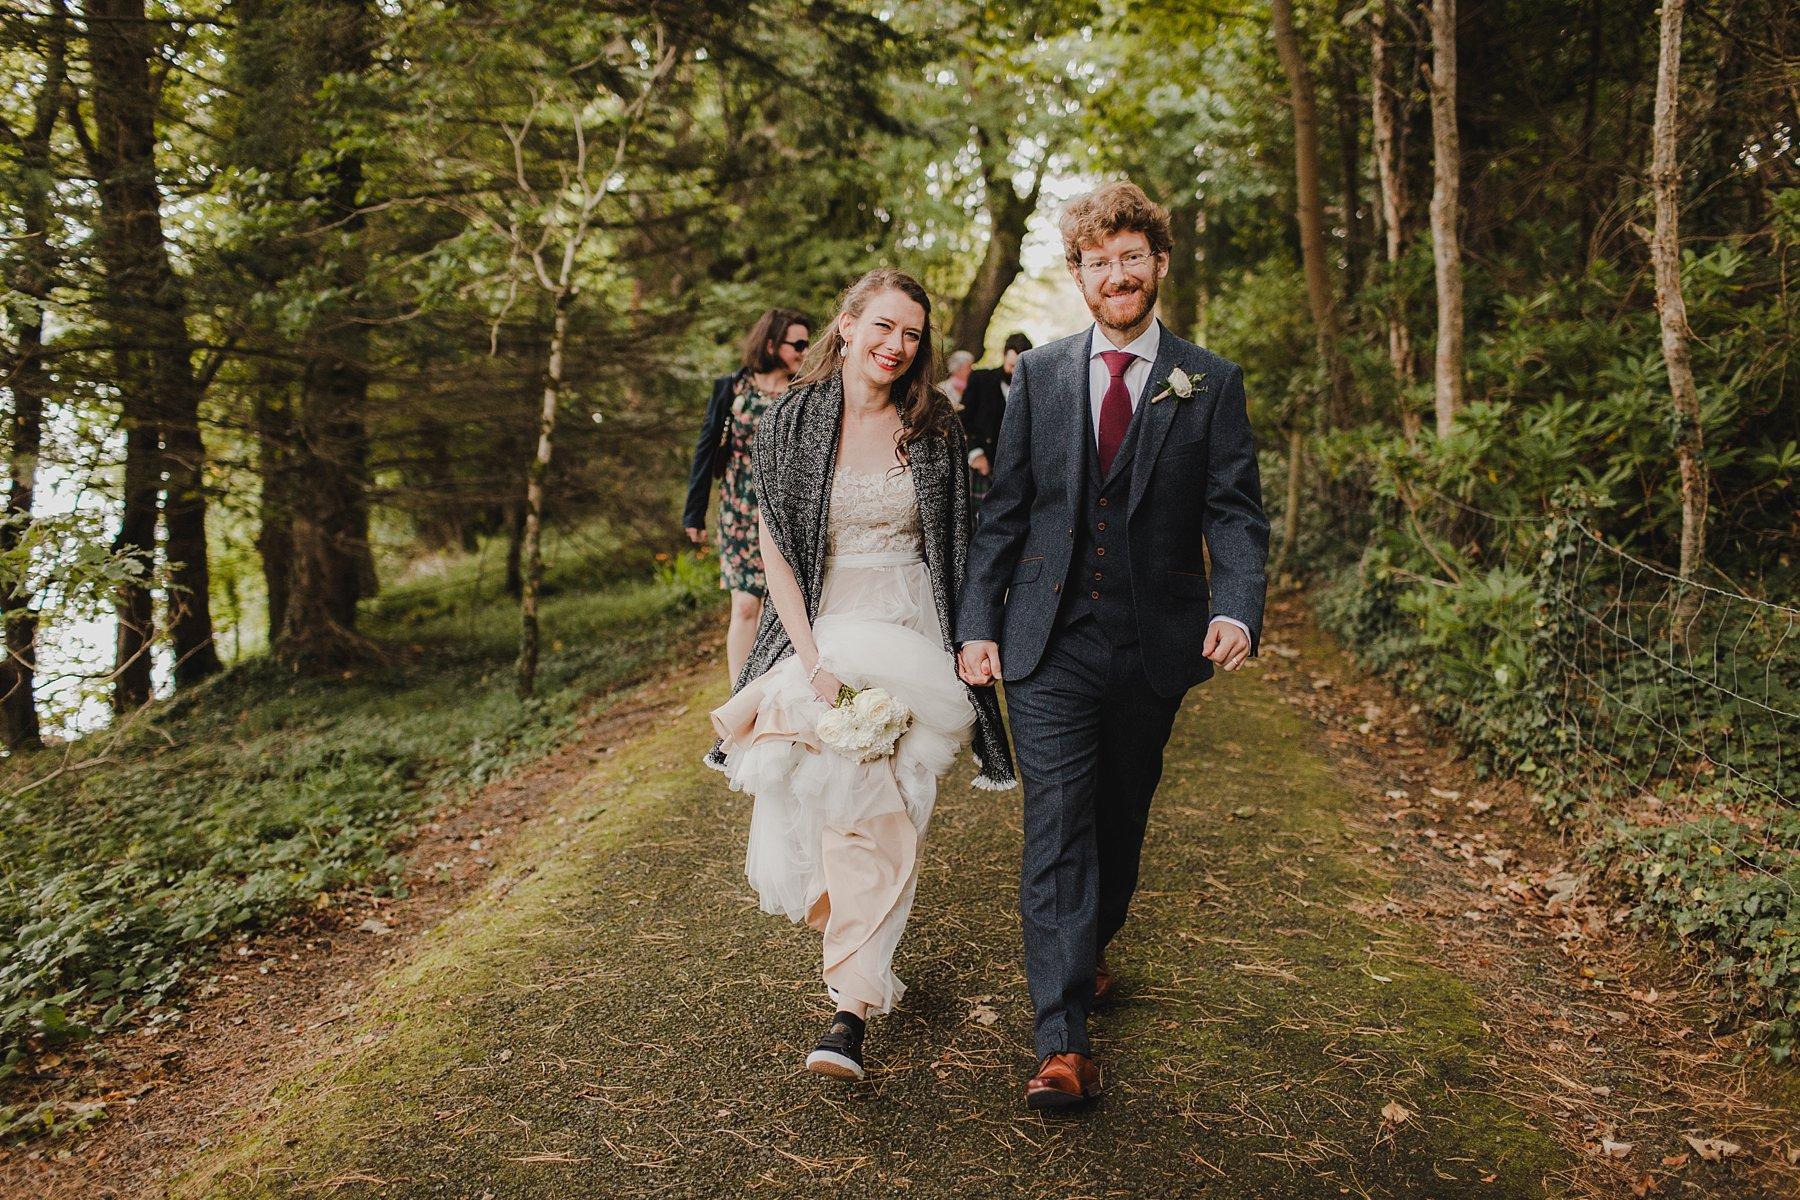 hornhead_donegak_elopement_weddings_0047